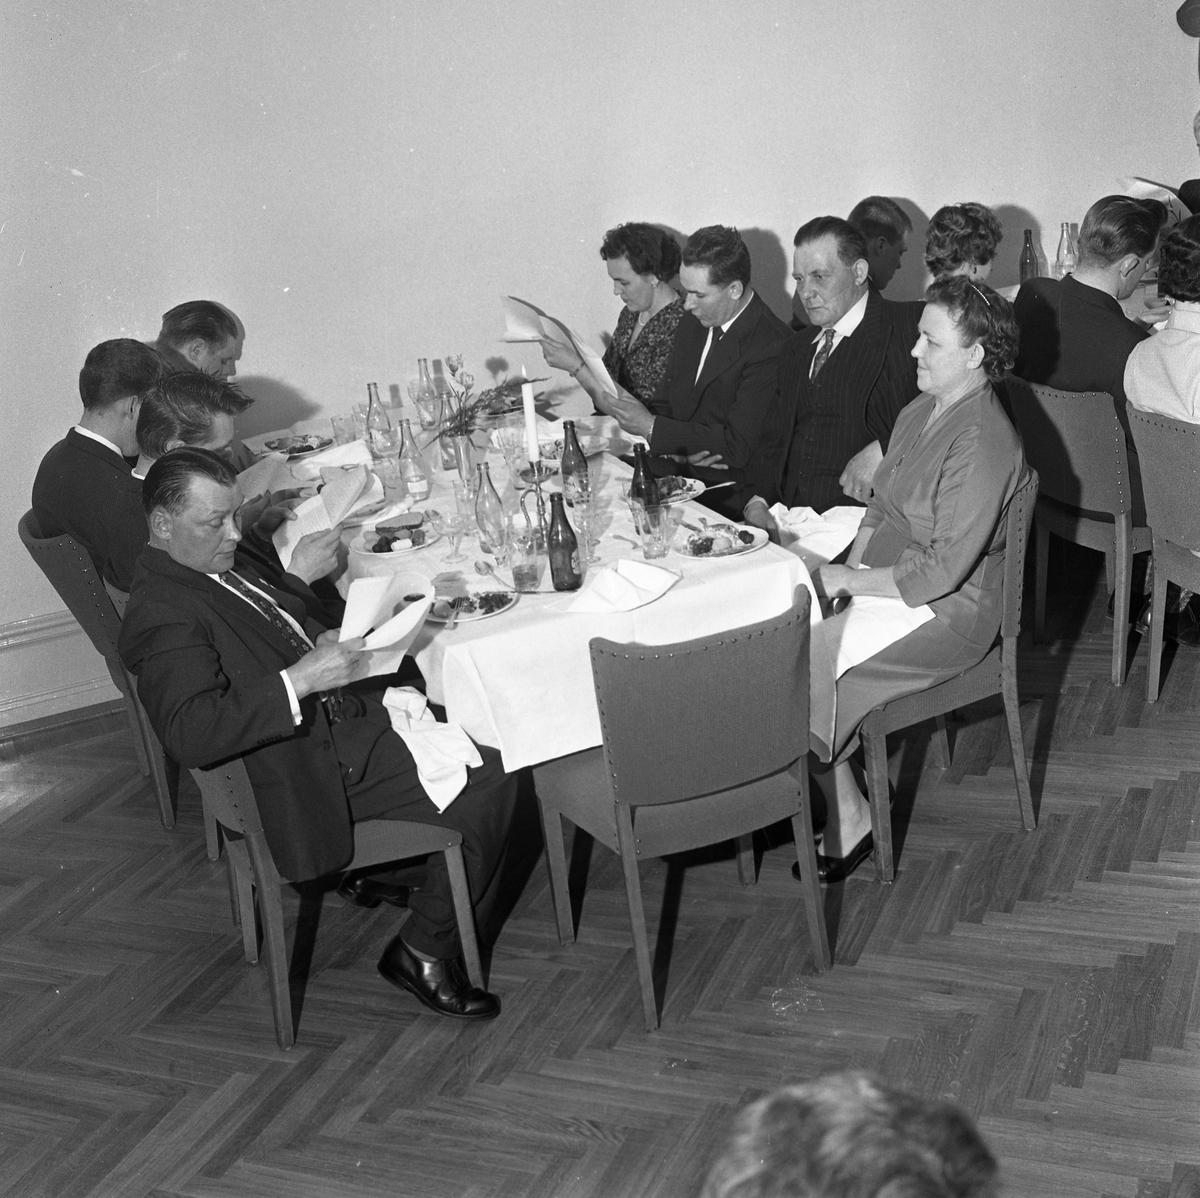 Elektrikerförbundets Arbogaavdelning firar jubileum. Män och kvinnor äter festmåltid. Nu är det allsång på gång.